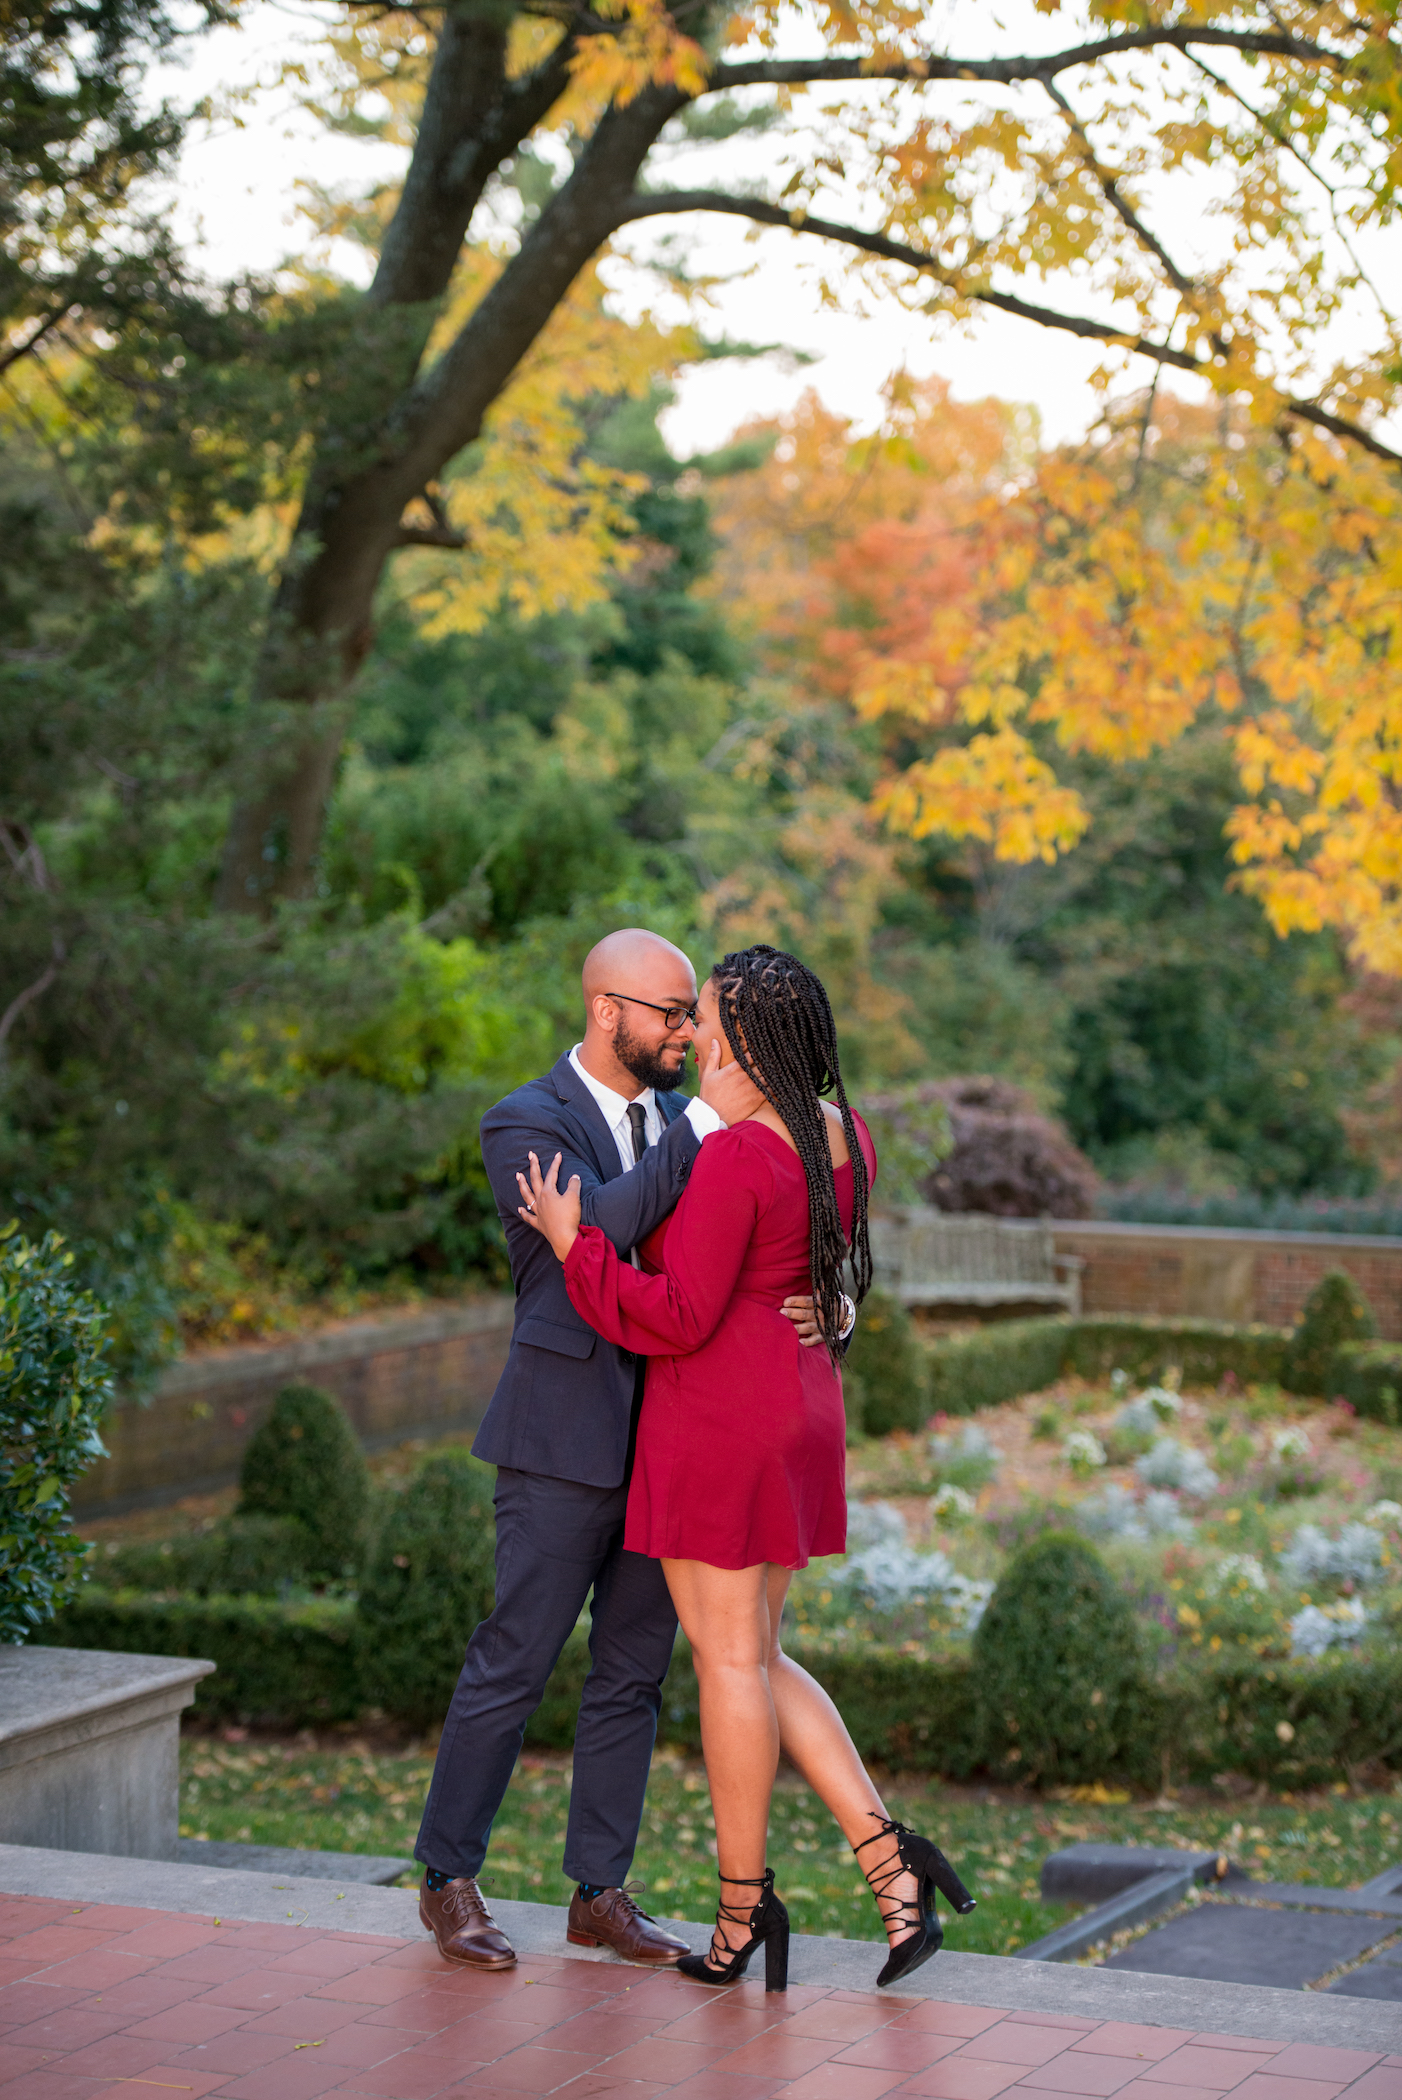 Omar-Sarah-Engagement-97.jpg